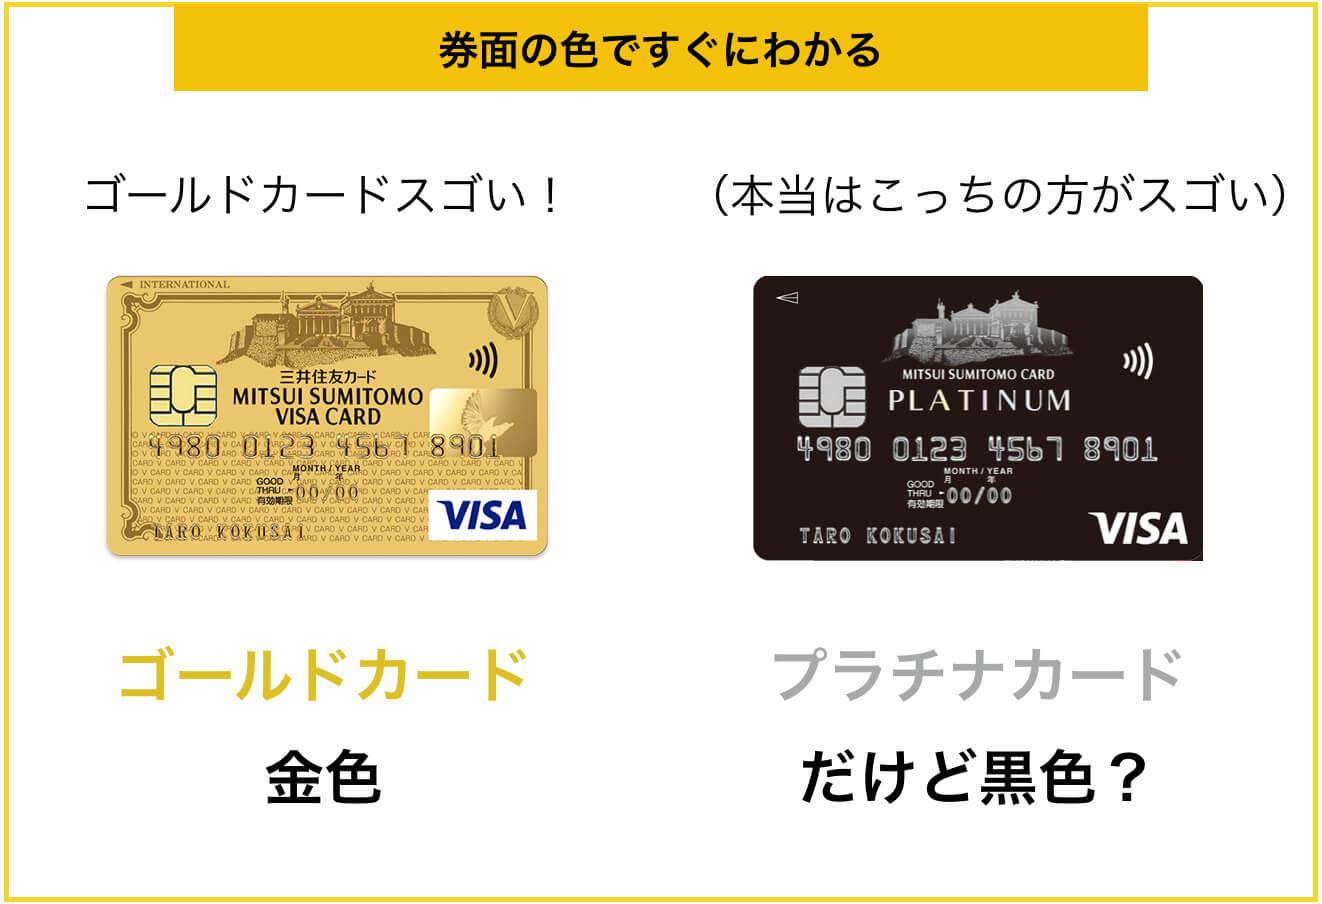 ゴールドカード モテる ゴールド プラチナ 券面 色 201903